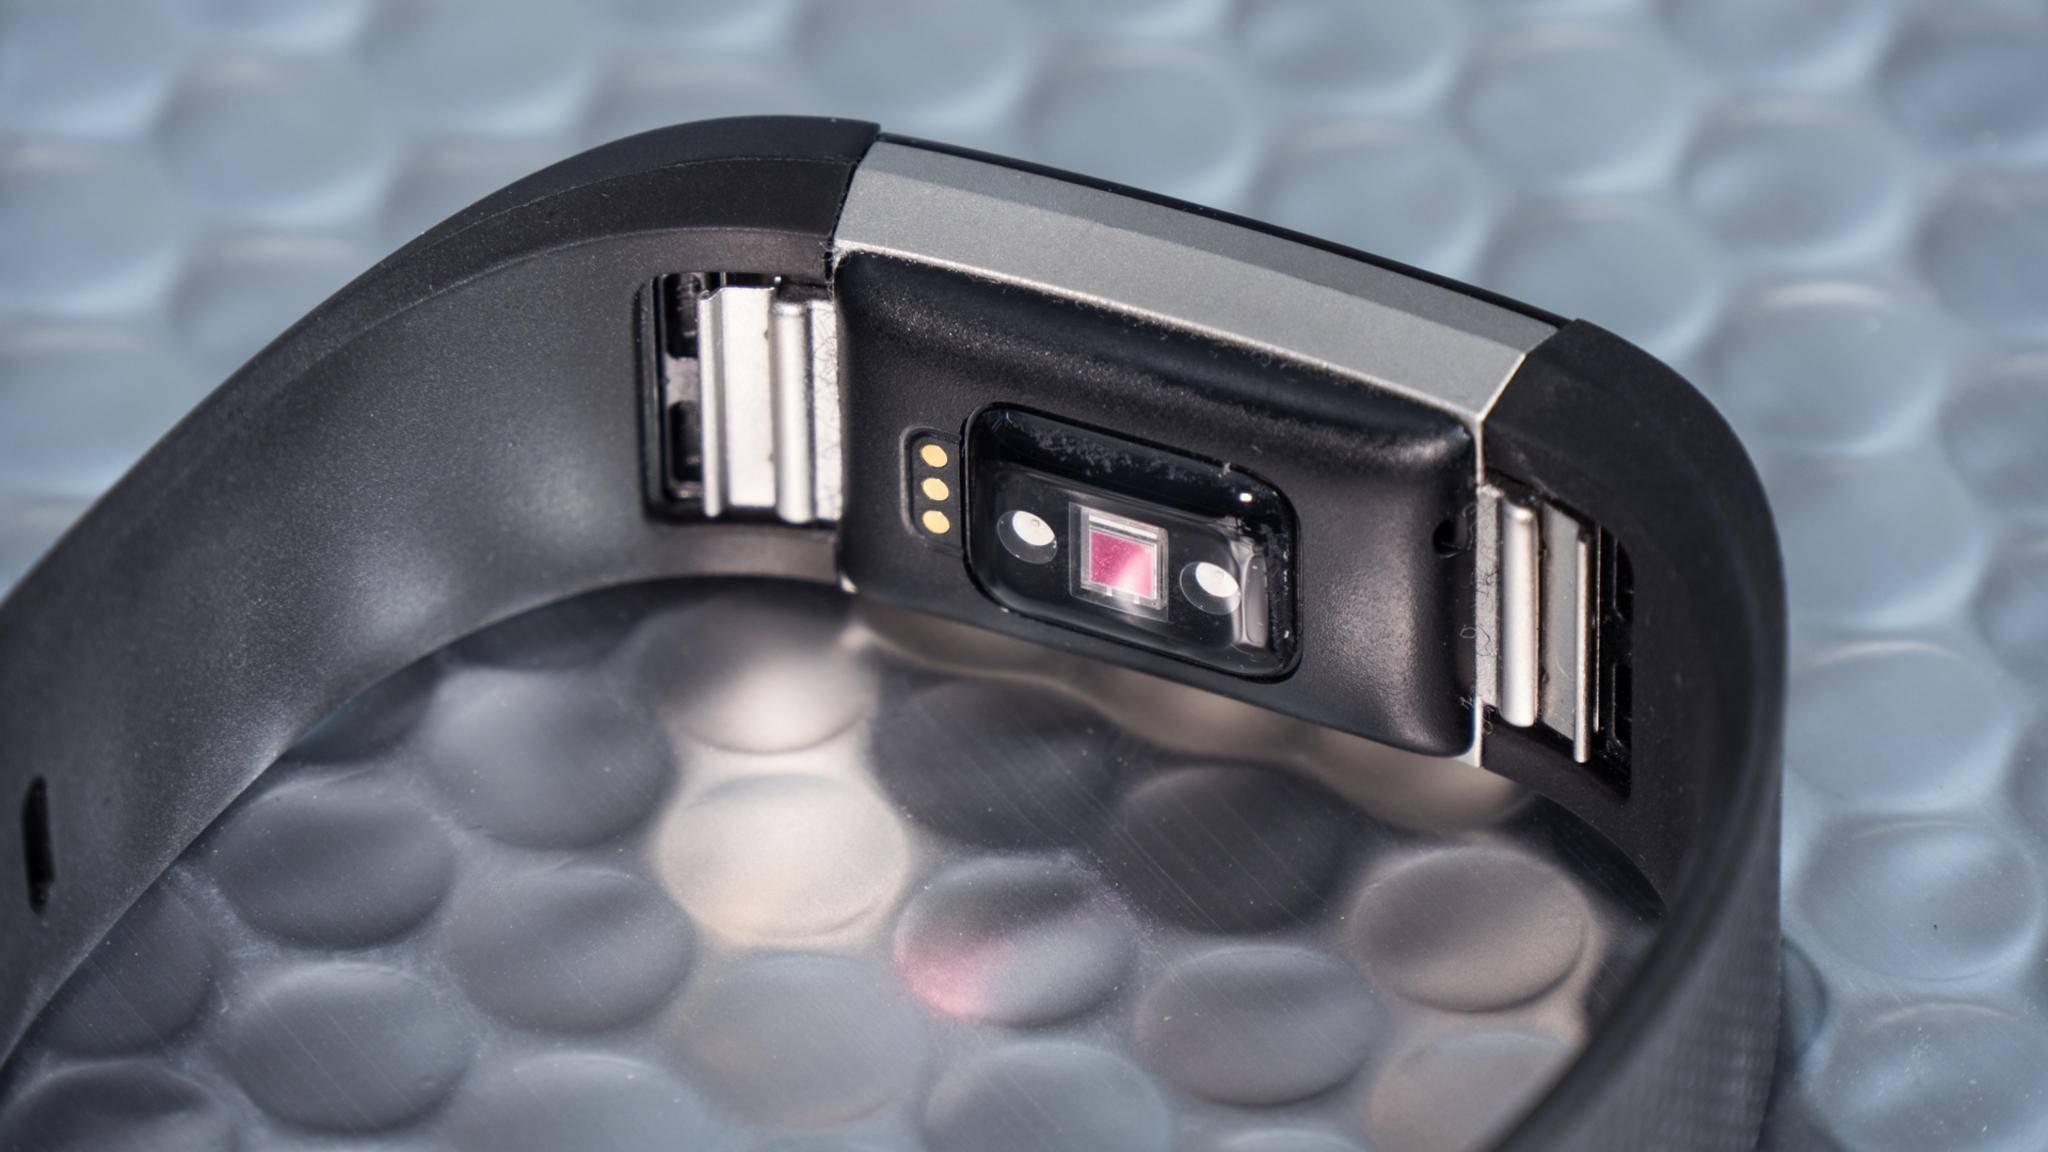 Der optische Herzfrequenzmesser ist jetzt Standard.